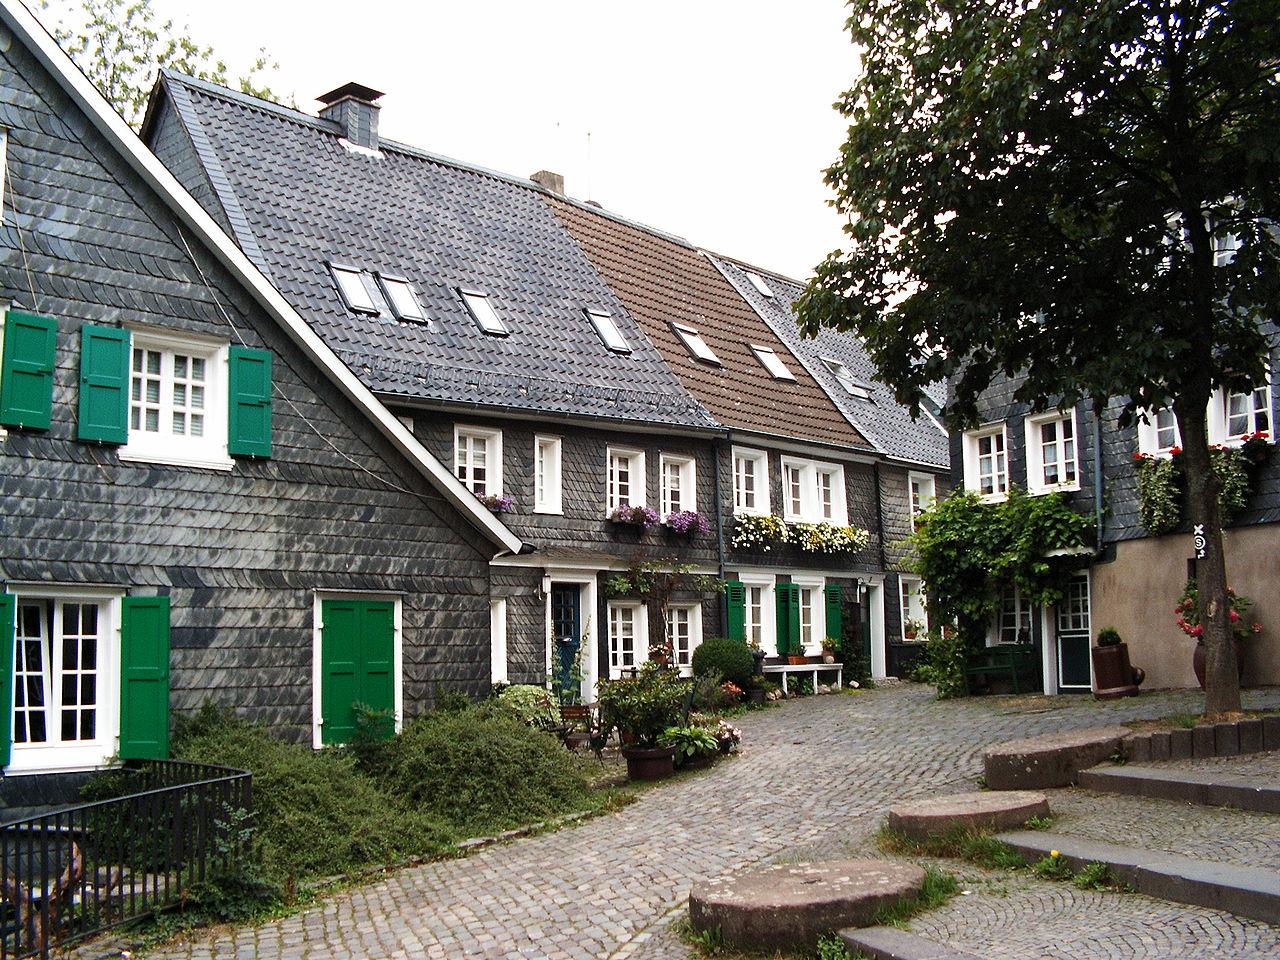 Золинген, Германия: зачем ехать, чем заняться, где поесть, советы туристов